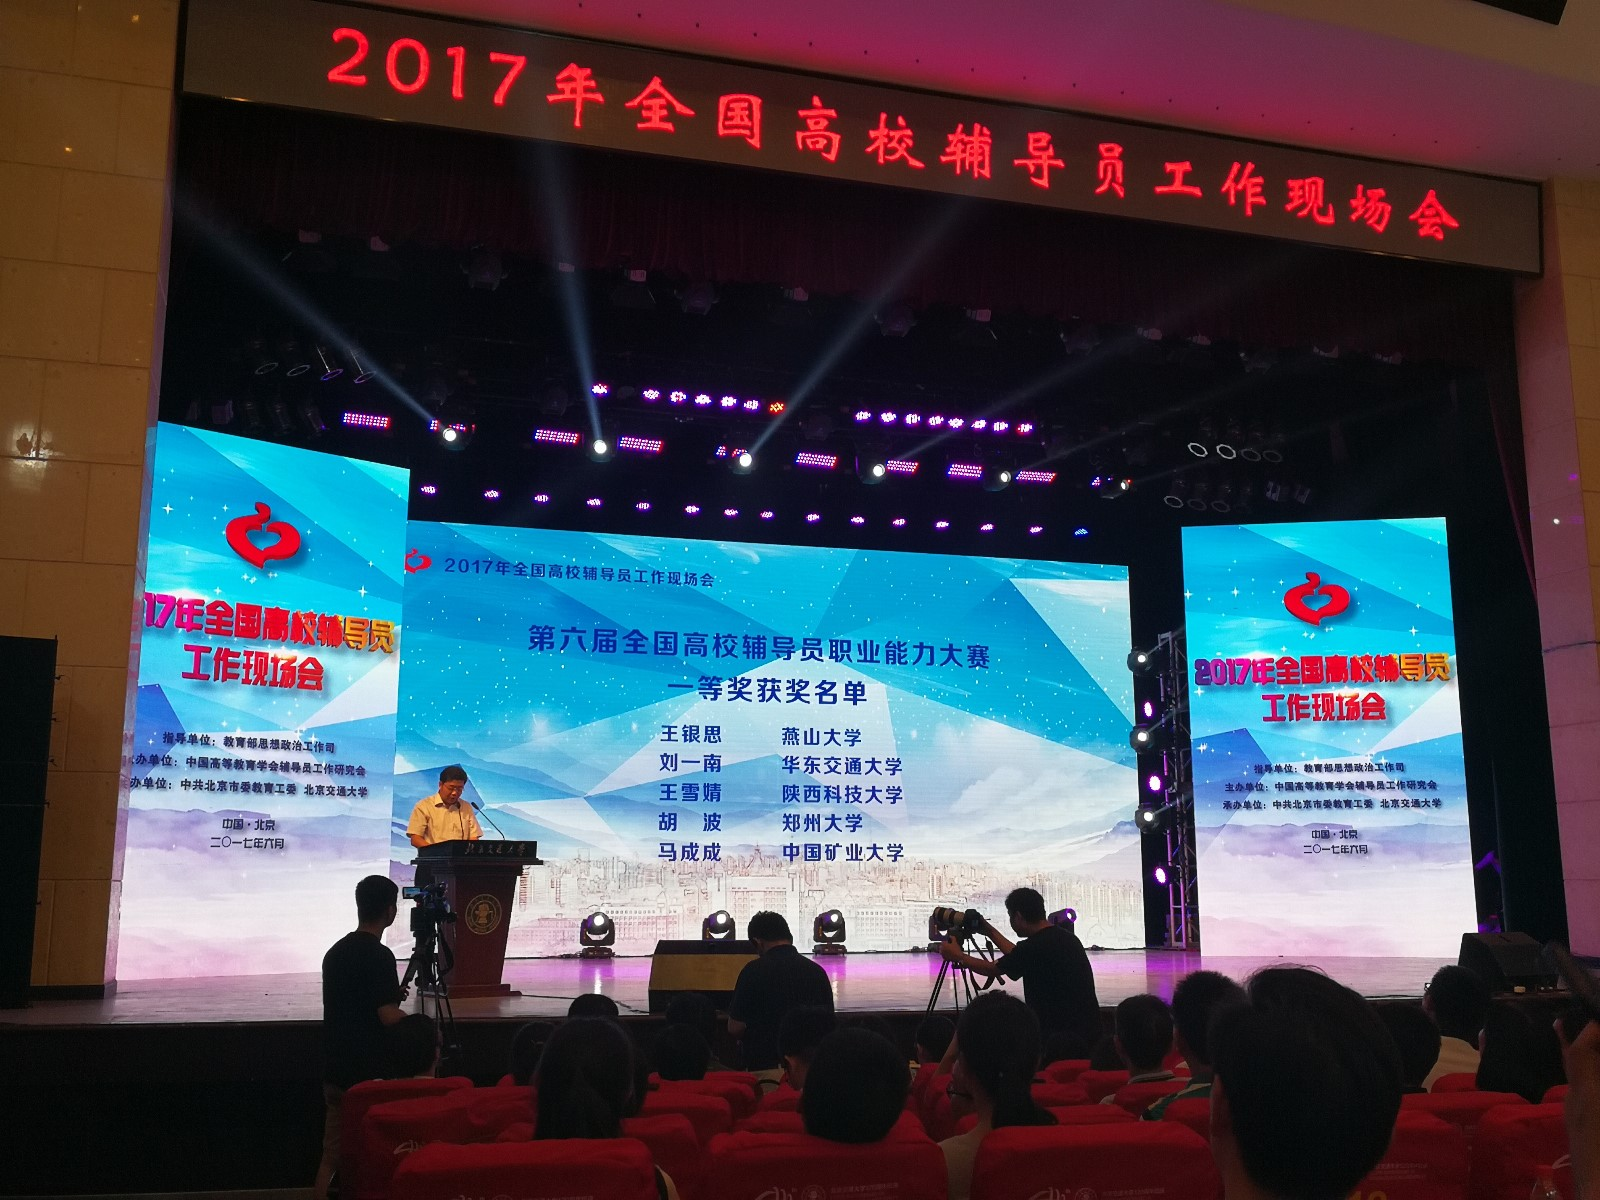 『易•学工』王雪婧荣获第六届全国辅导员职业能力大赛决赛一等奖